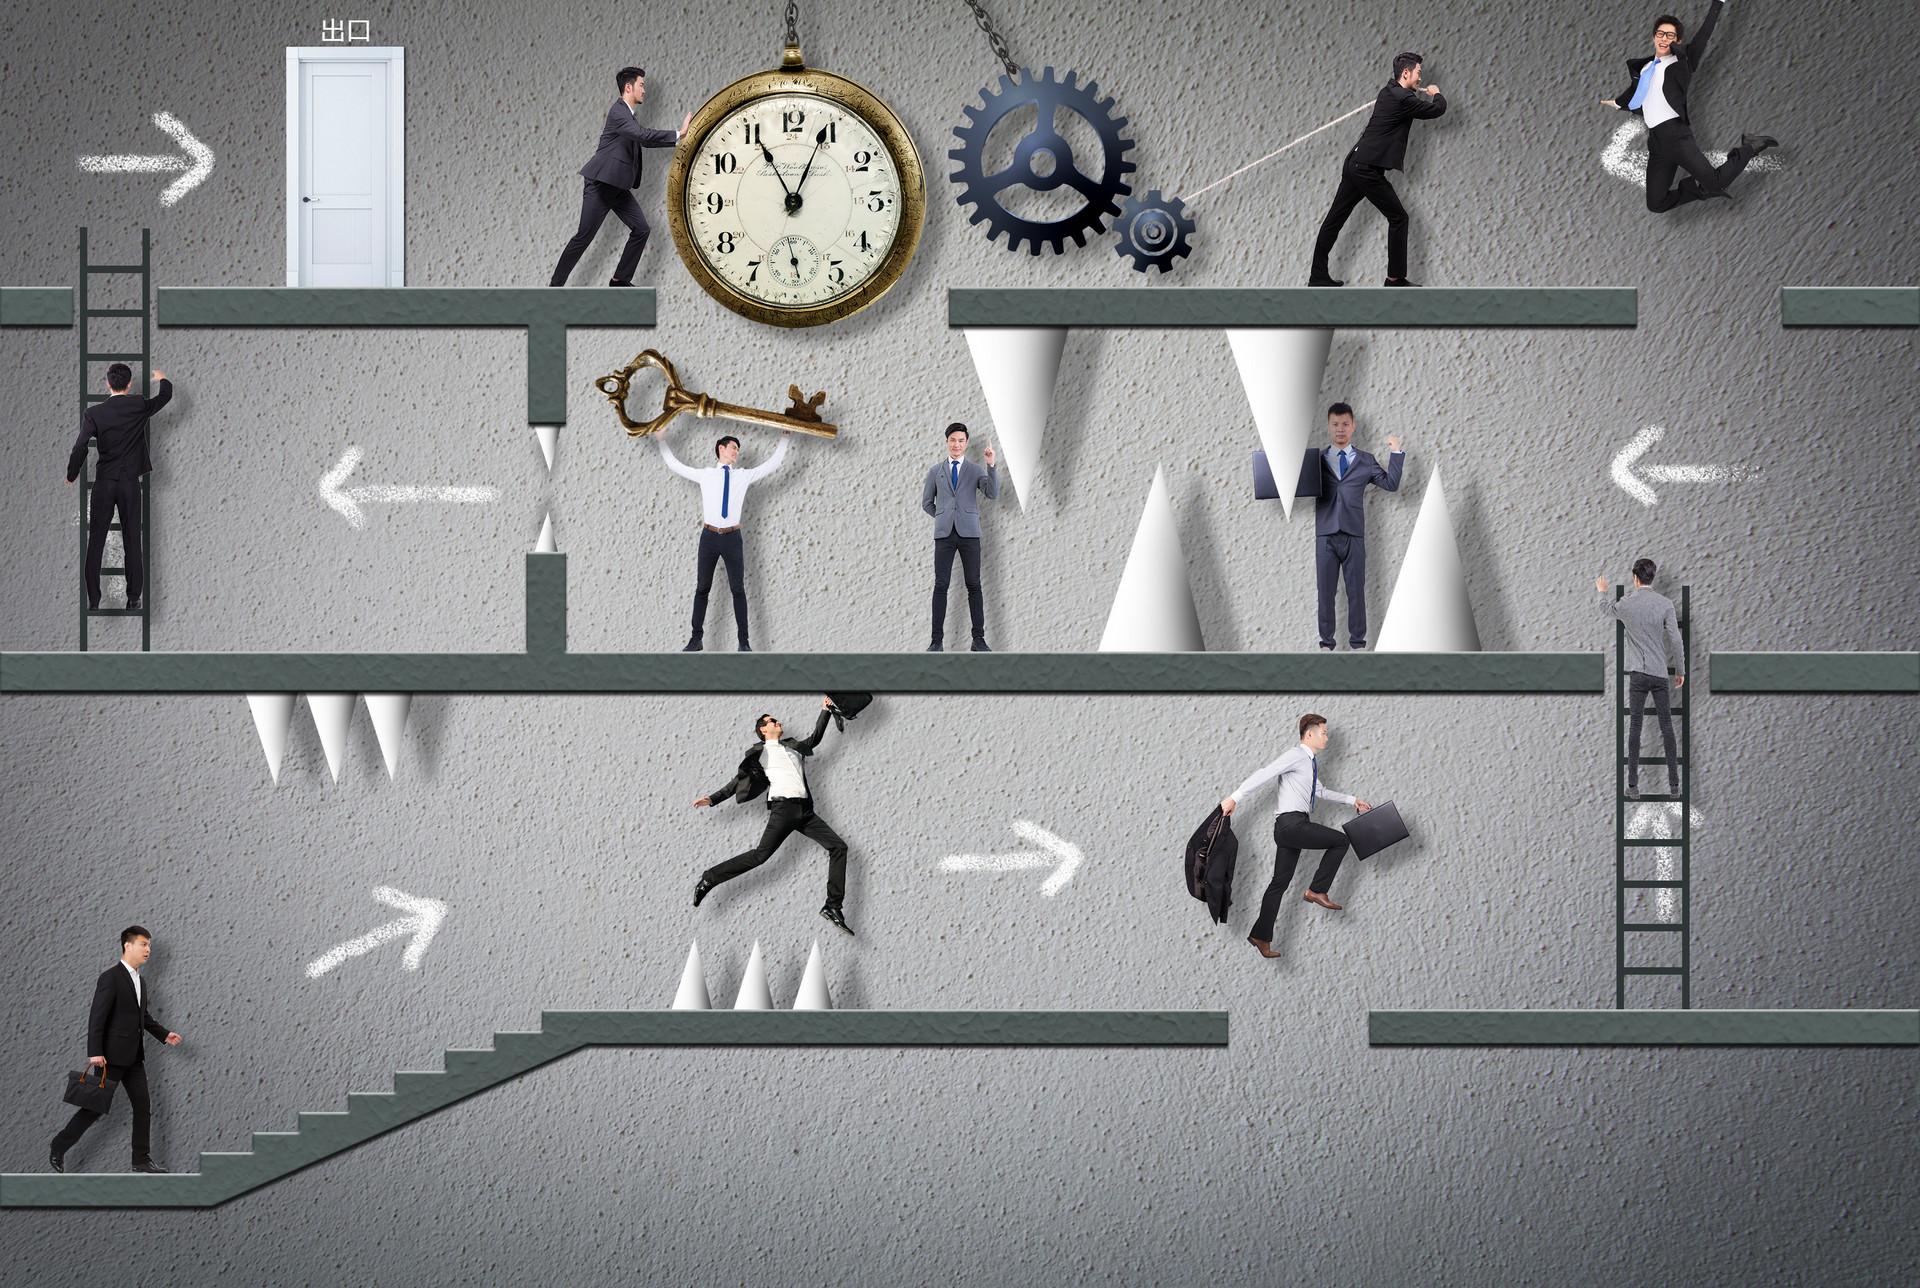 刚刚成为HR,有什么面试必问的问题吗